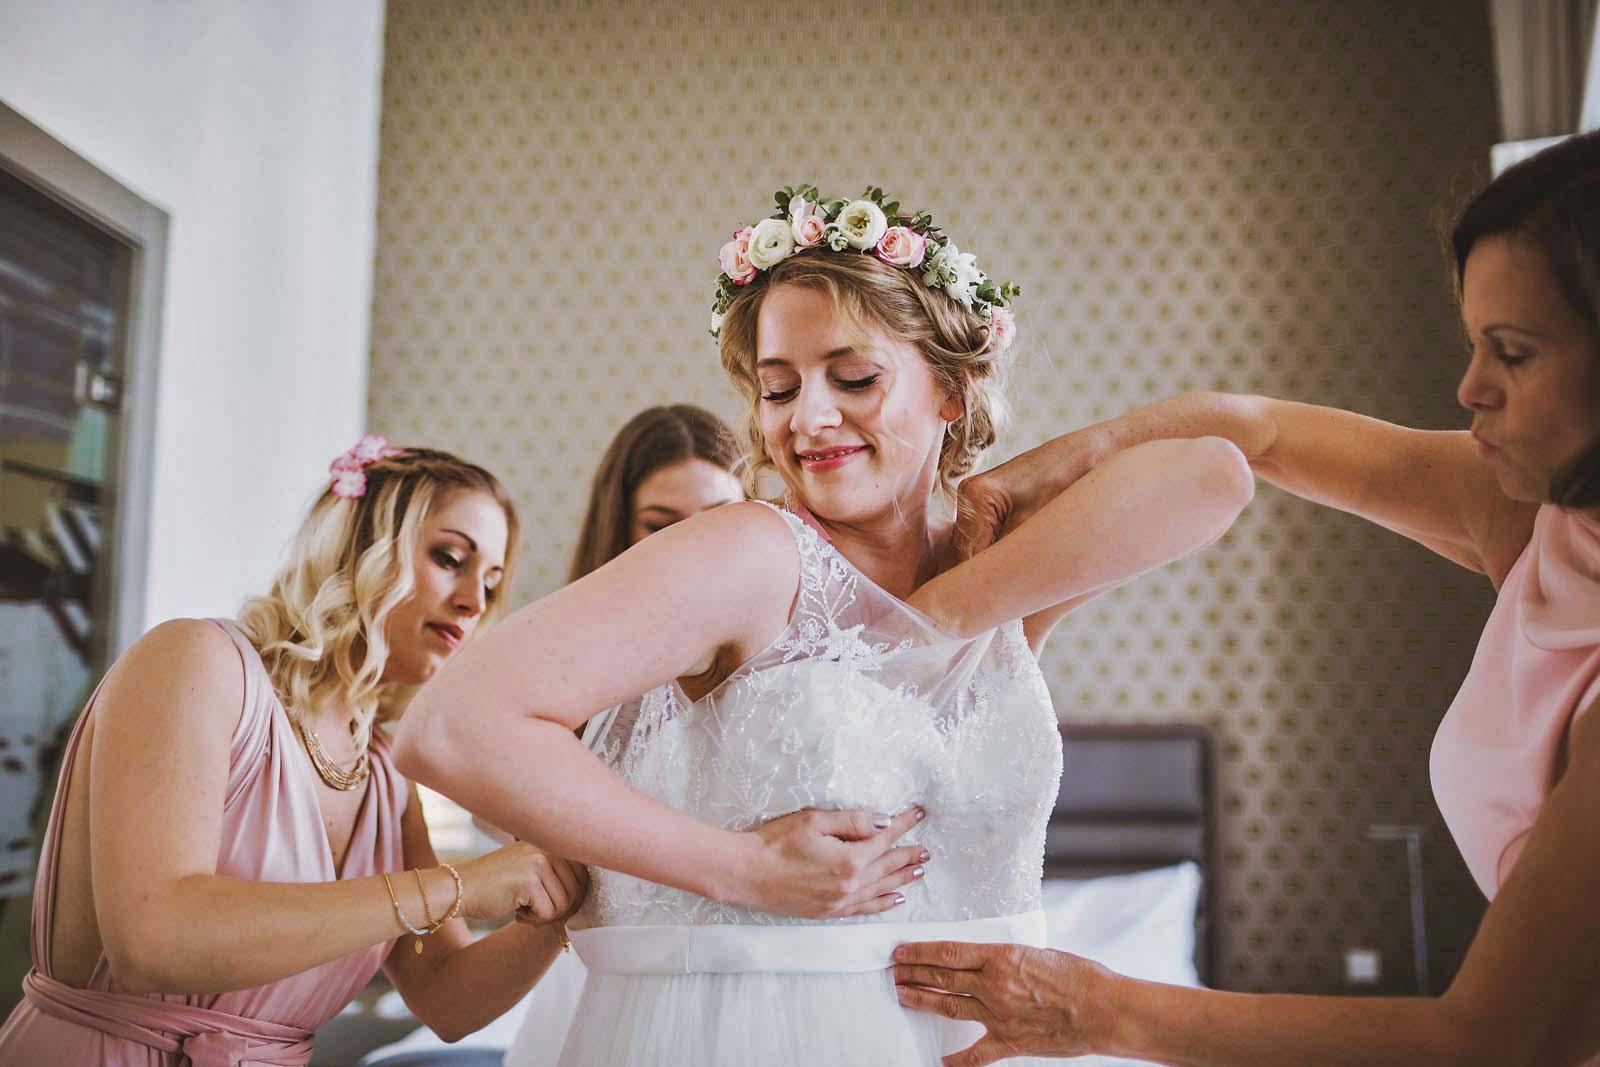 Hochzeitsfotograf Berlin Vorbereitungen der Braut Copyright by Hochzeitsfotograf www.berliner-hochzeitsfotografie.de